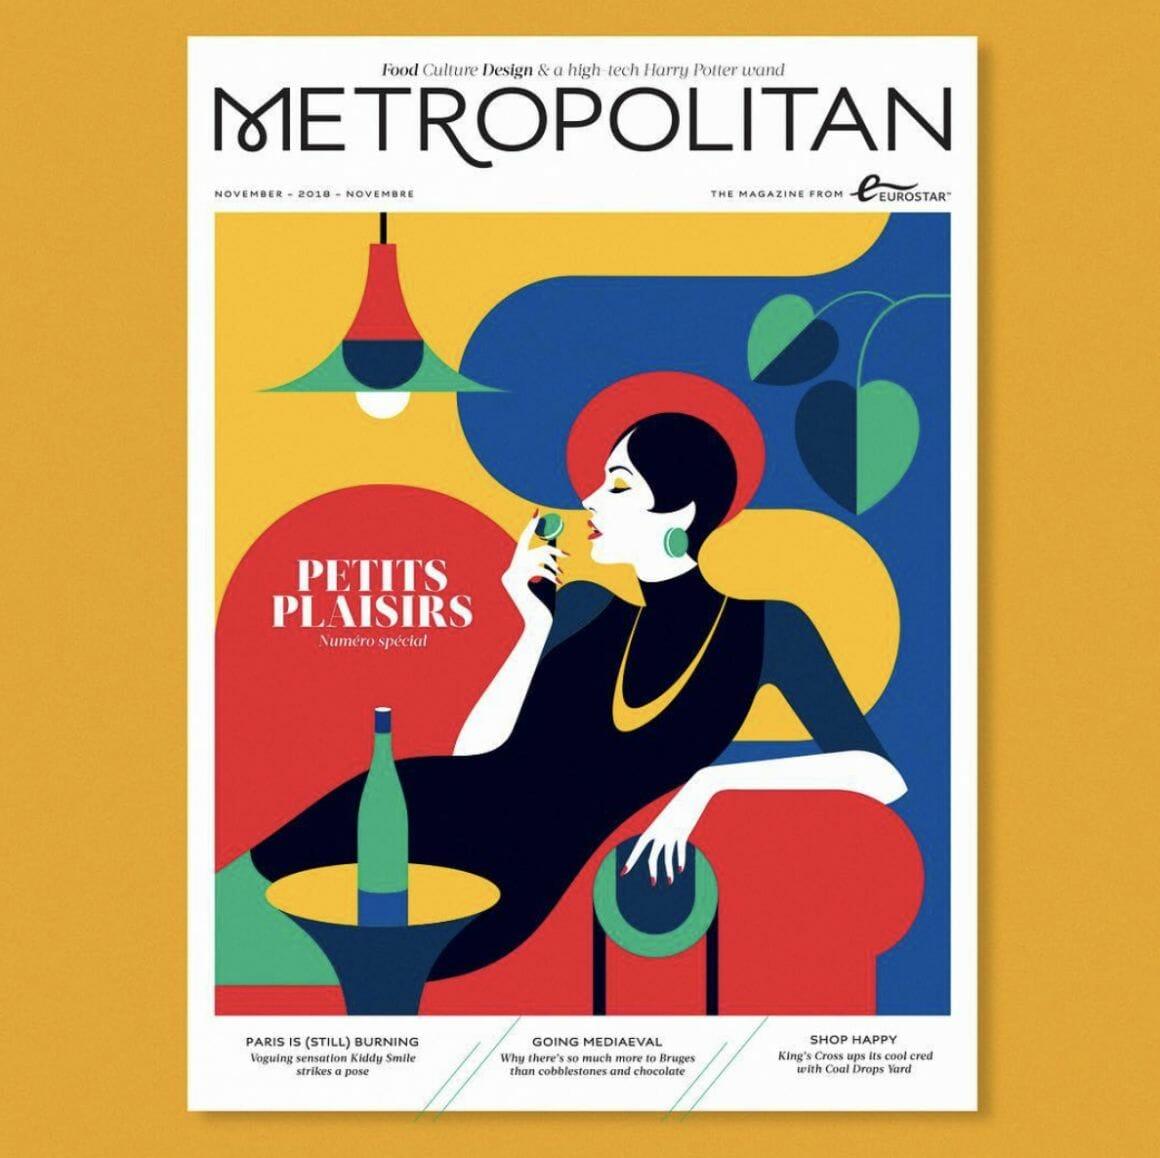 Couverture du Metropolitan par Malika Favre